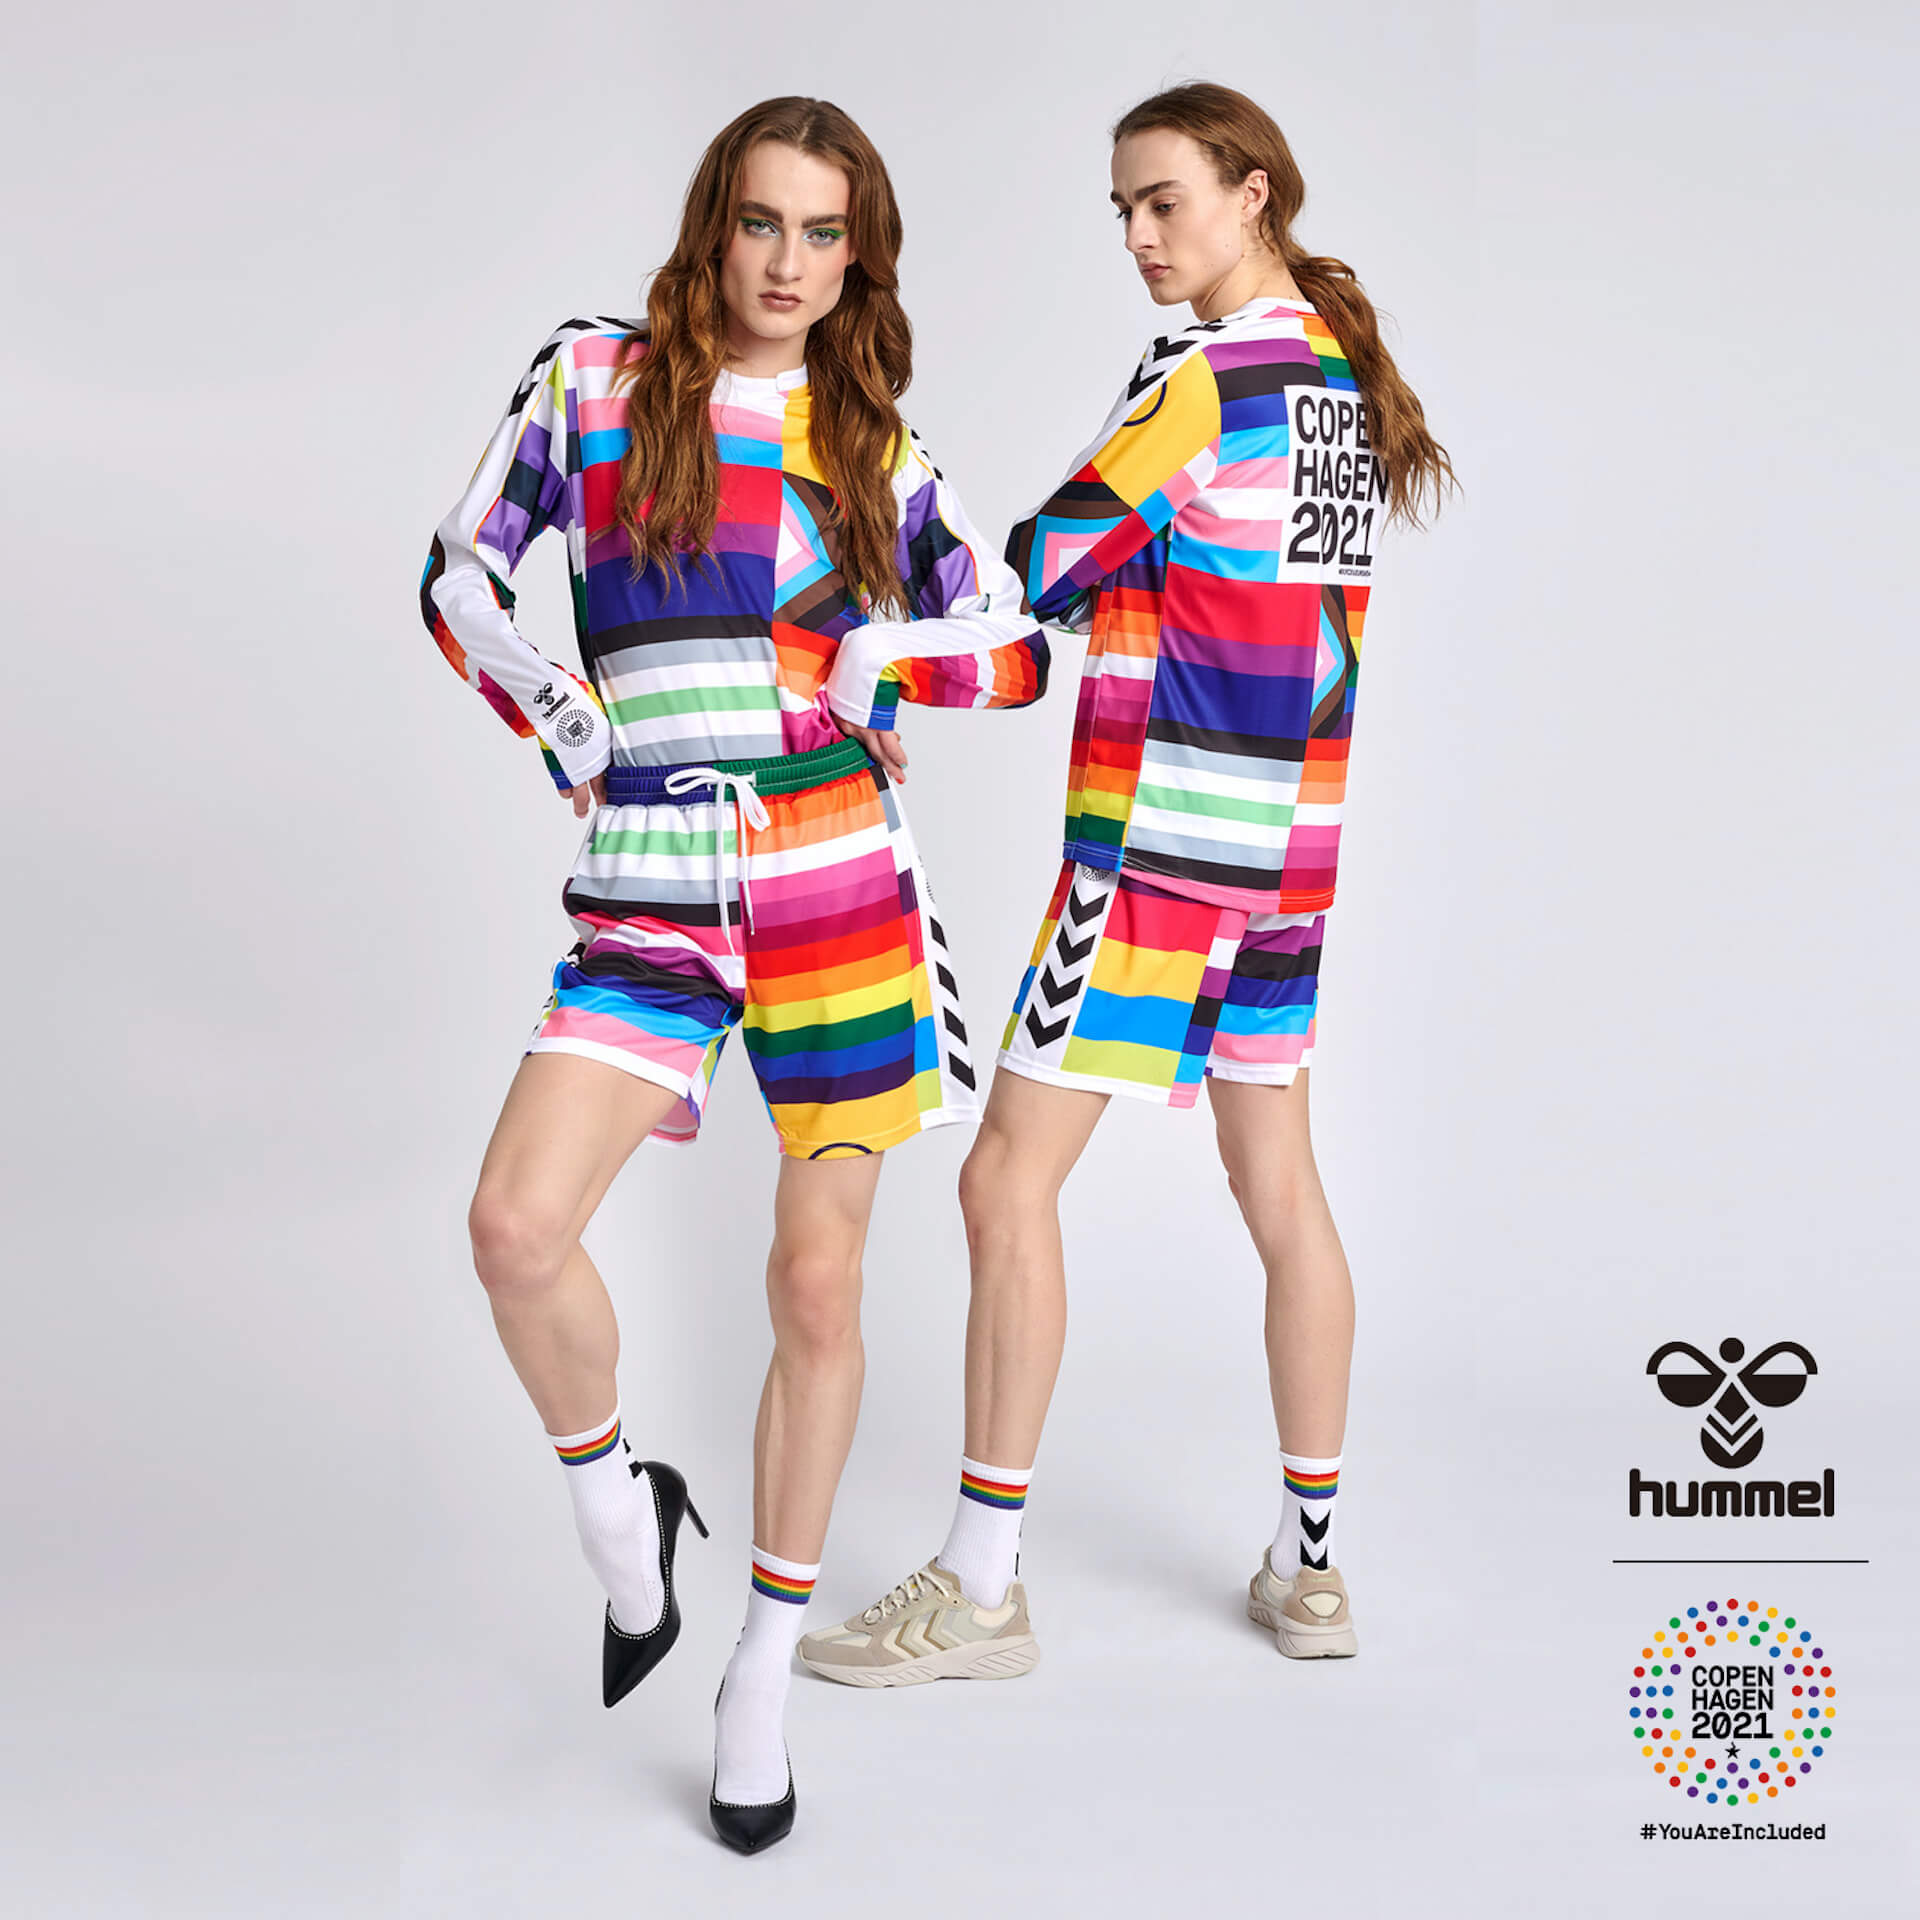 多様性を祝福する「ヒュンメル×コペンハーゲン 2021」コラボグッズが限定発売! Fashion_210706_hummel9